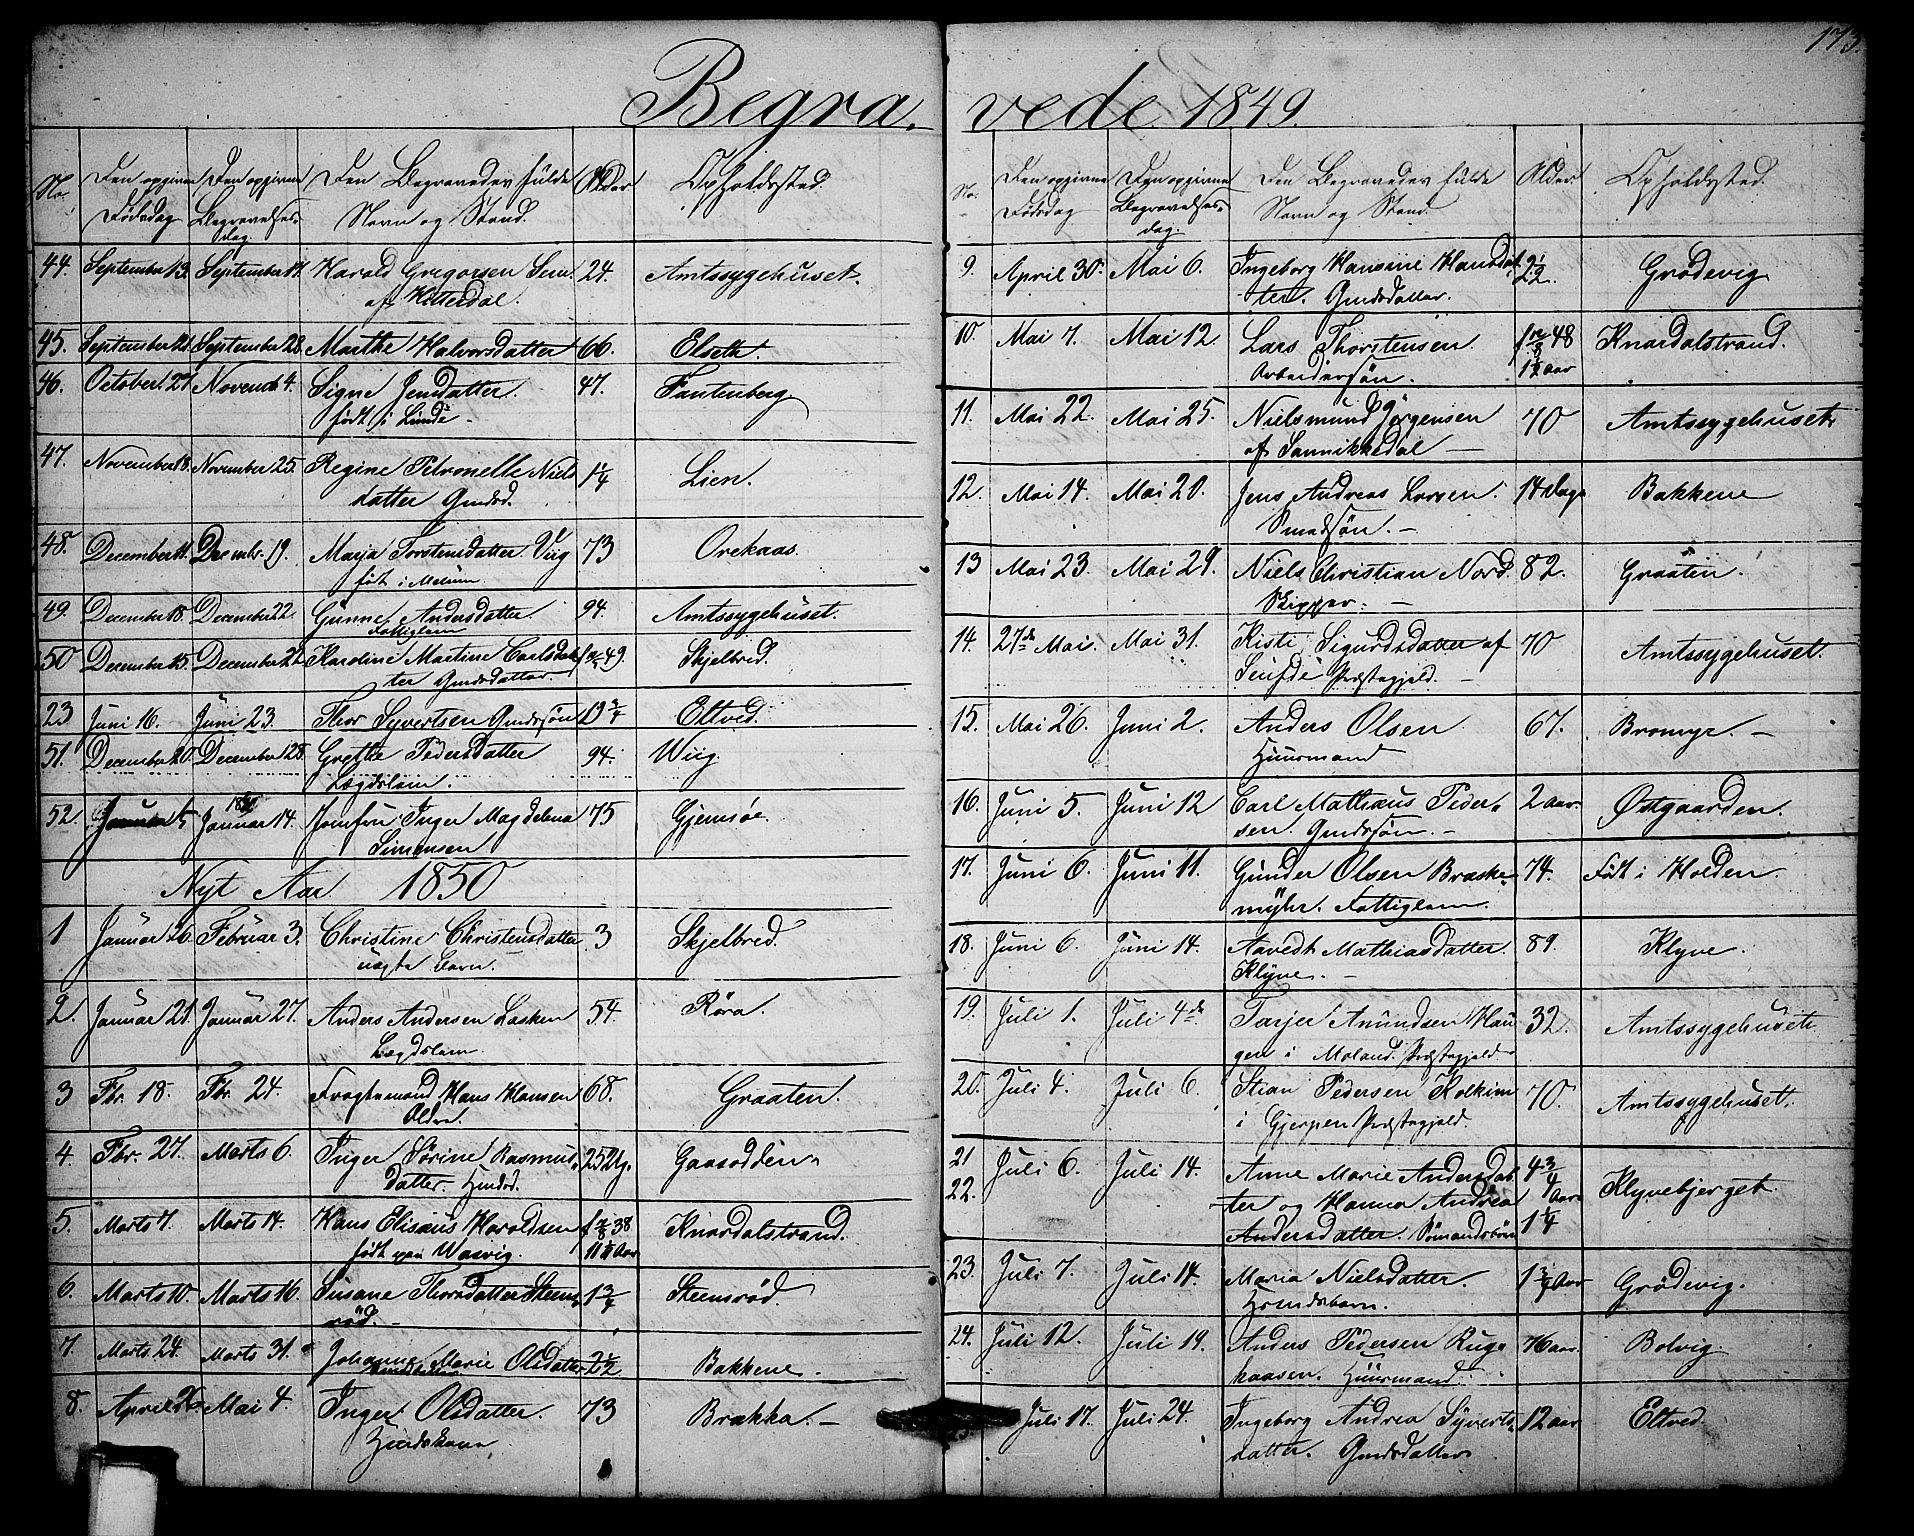 SAKO, Solum kirkebøker, G/Ga/L0003: Klokkerbok nr. I 3, 1848-1859, s. 173